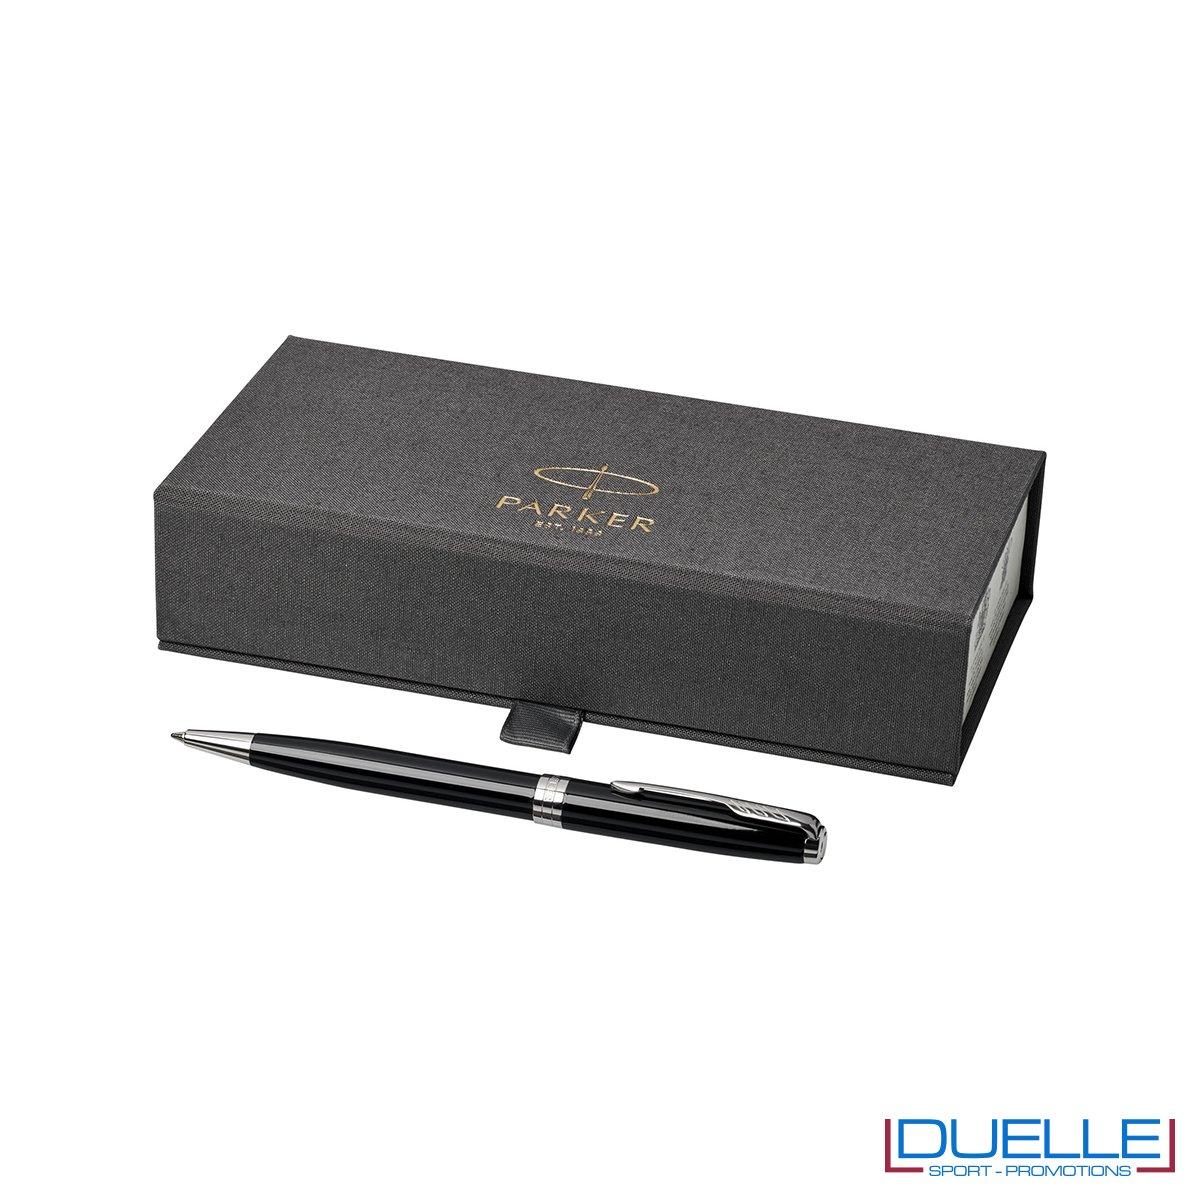 Penna Parker Sonnet Personalizzata a sfera colore nero cromato in confezione regalo